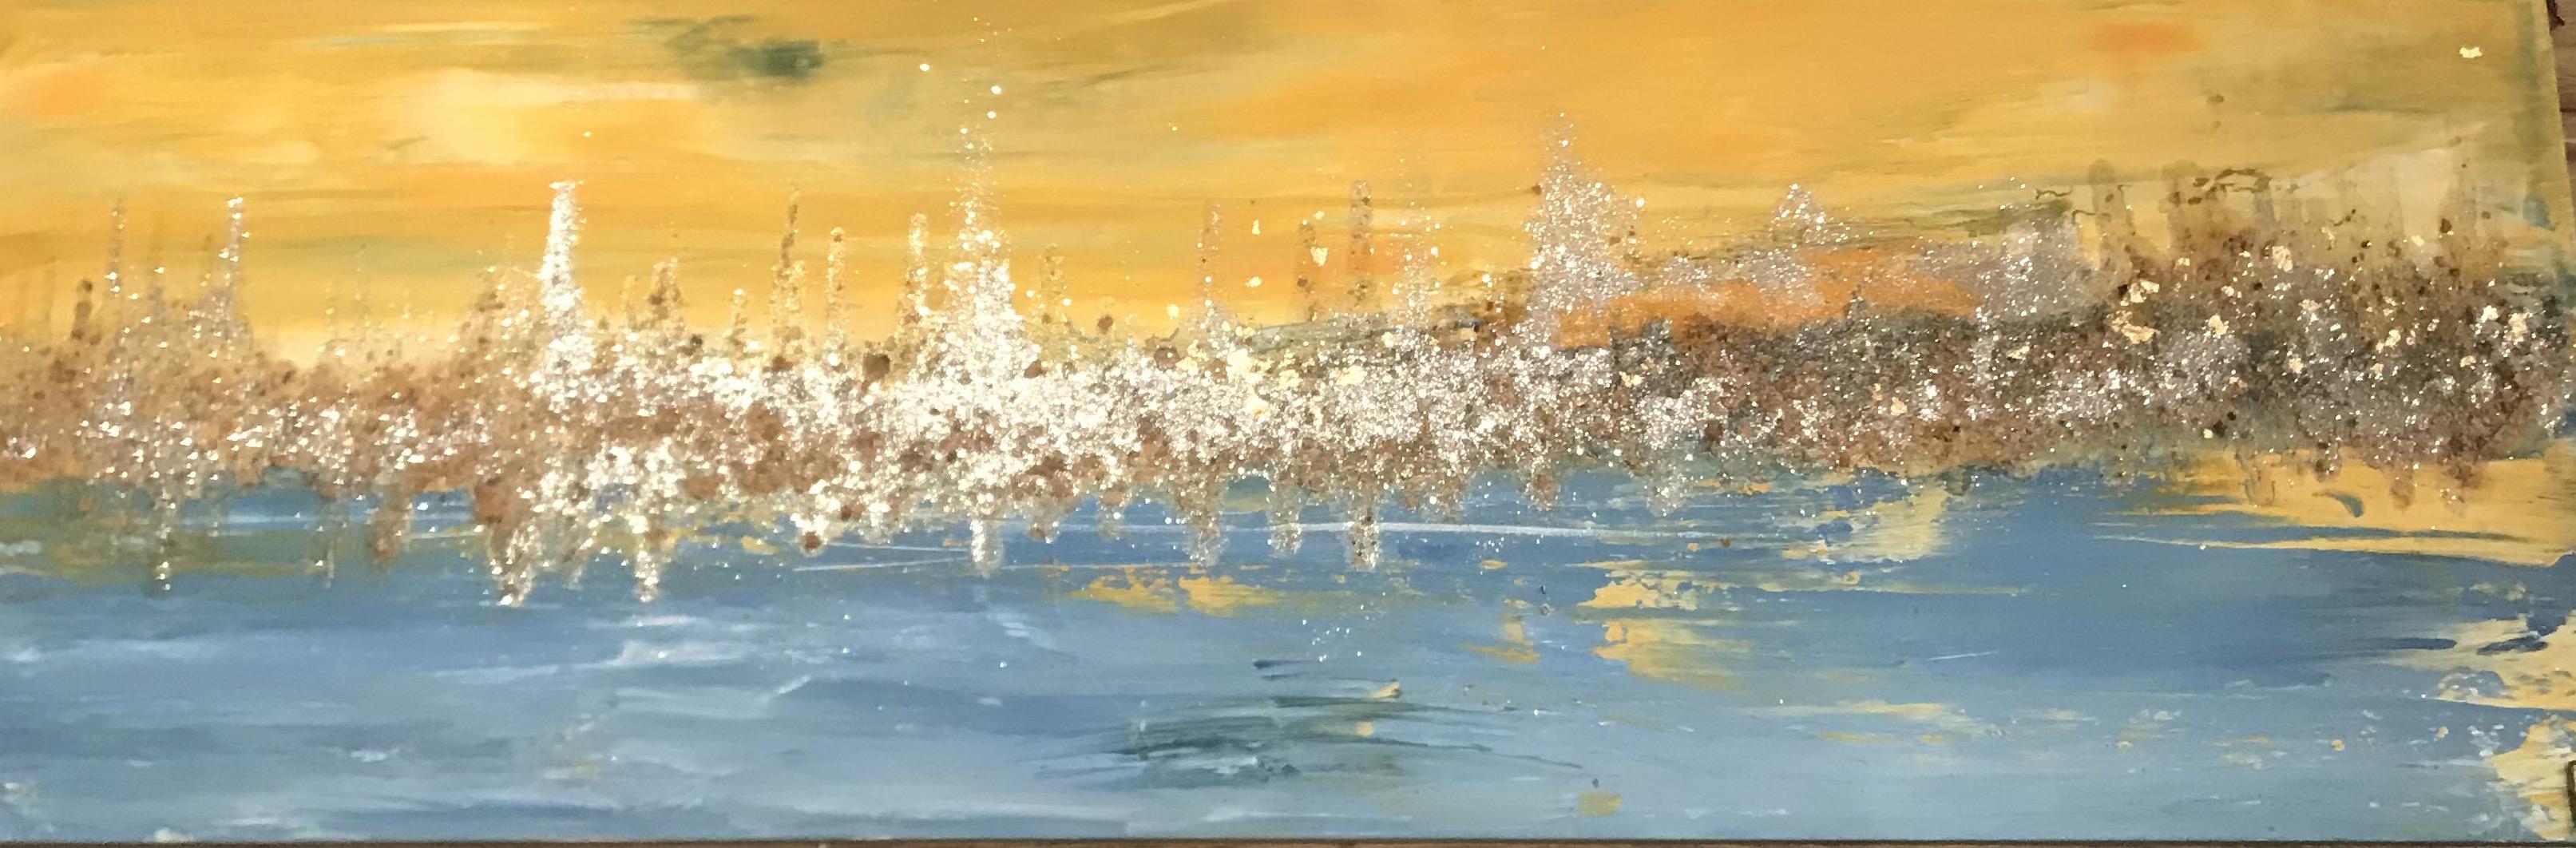 SEA SUN & CHAMPAGNE